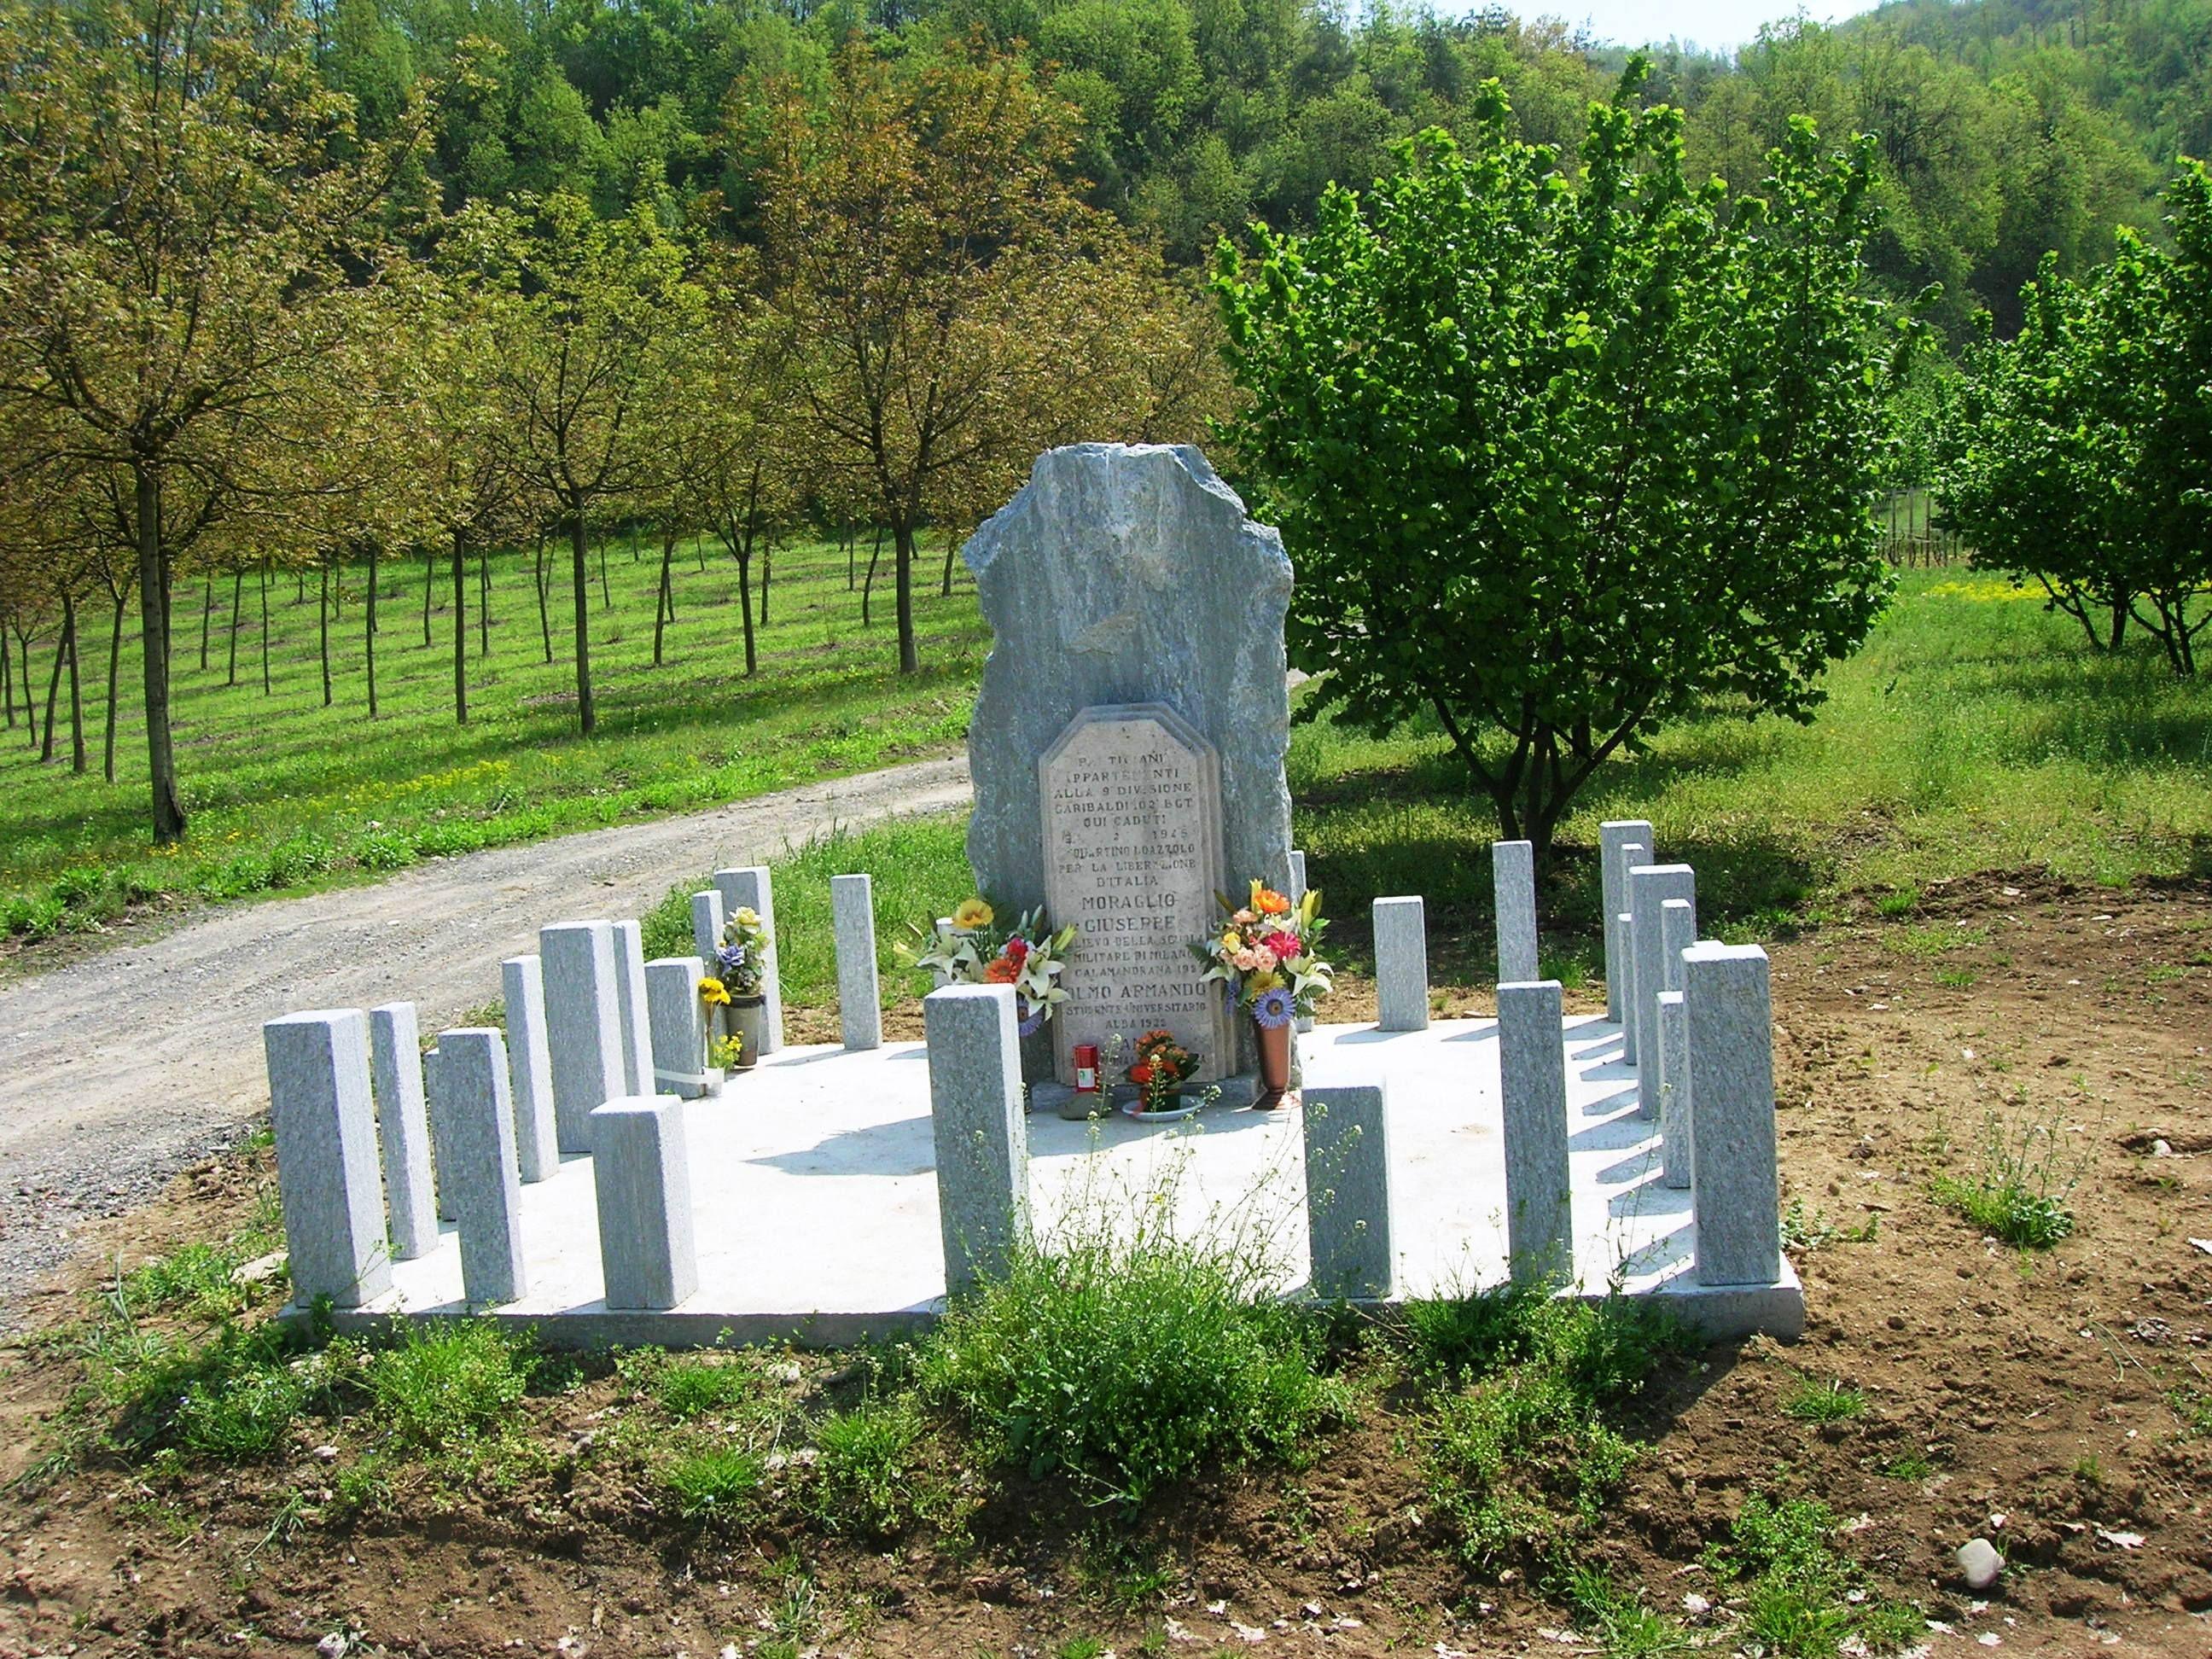 Itinerario Bubbio-Cortemilia,stradina Oltrebormida:restaurato il sacrario in ricordo dei 4 caduti uccisi dai tedeschi durante la lotta partigiana................................Itinerary Bubbio-Cortemilia, street Oltrebormida: restored the shrine in memory of fallen 4 killed during the partisan struggle